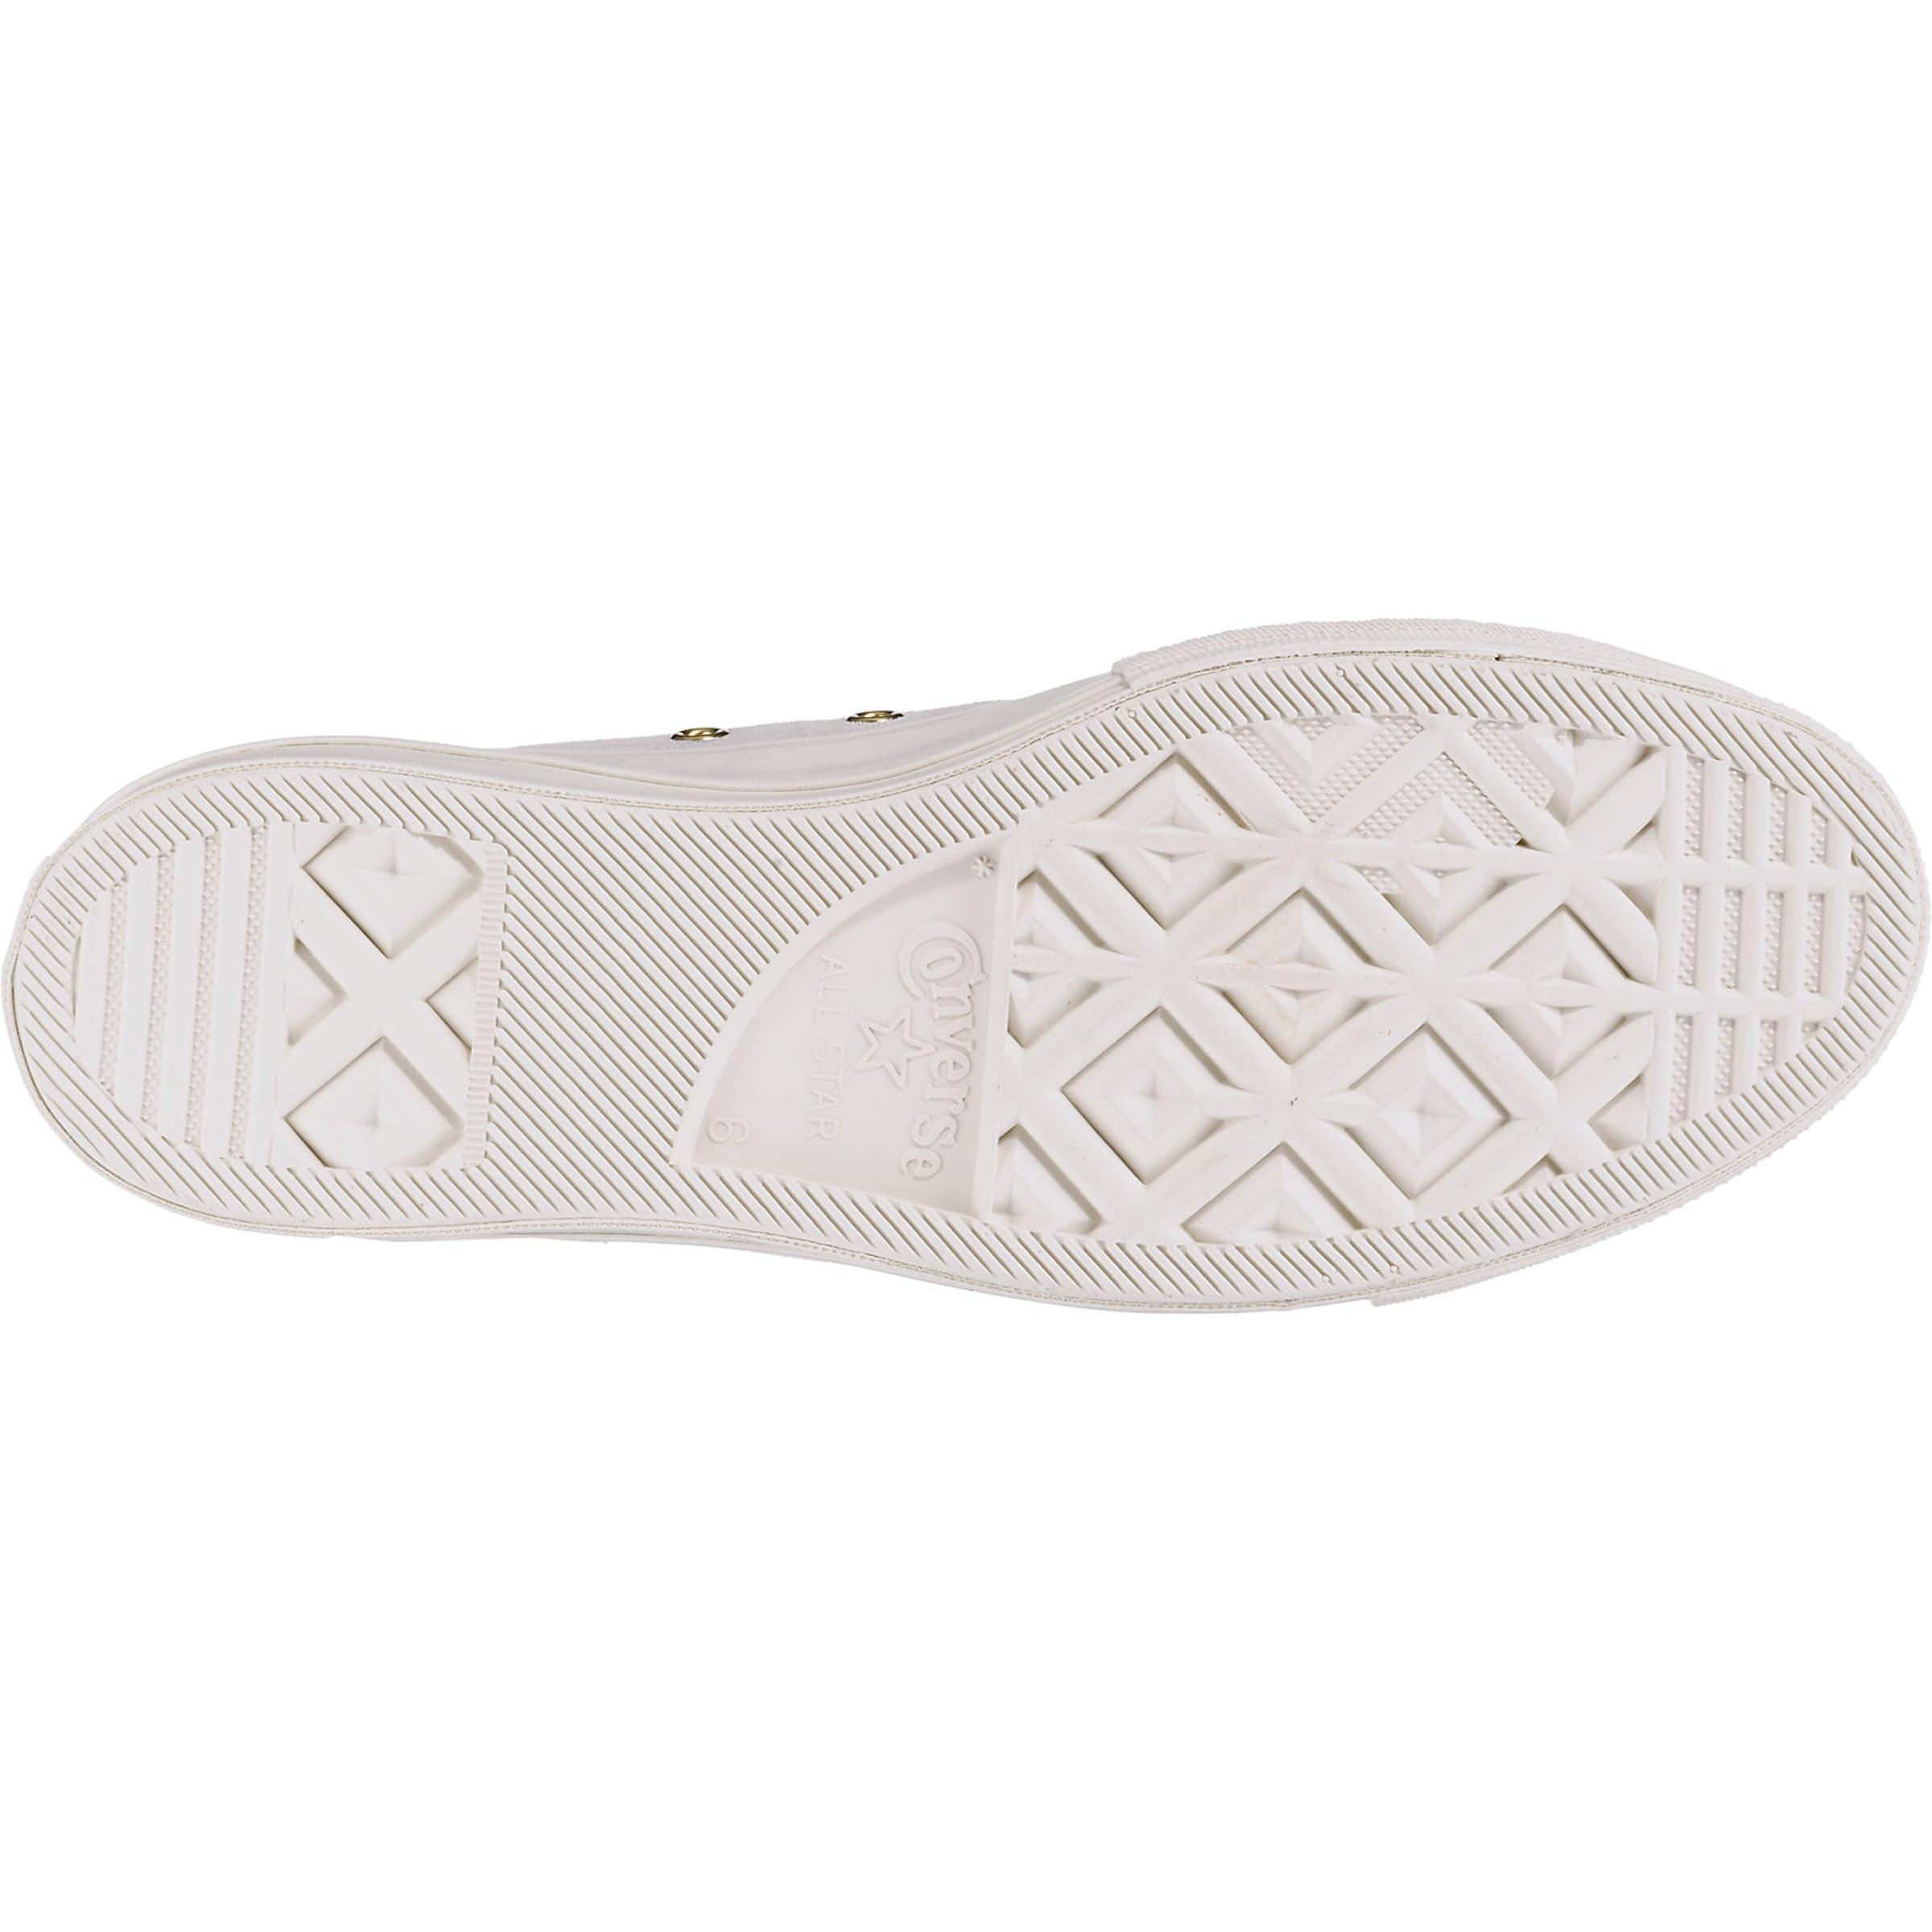 'chuck Weiß Sneaker Star Converse All Ox' In Taylor 3AjL5q4R